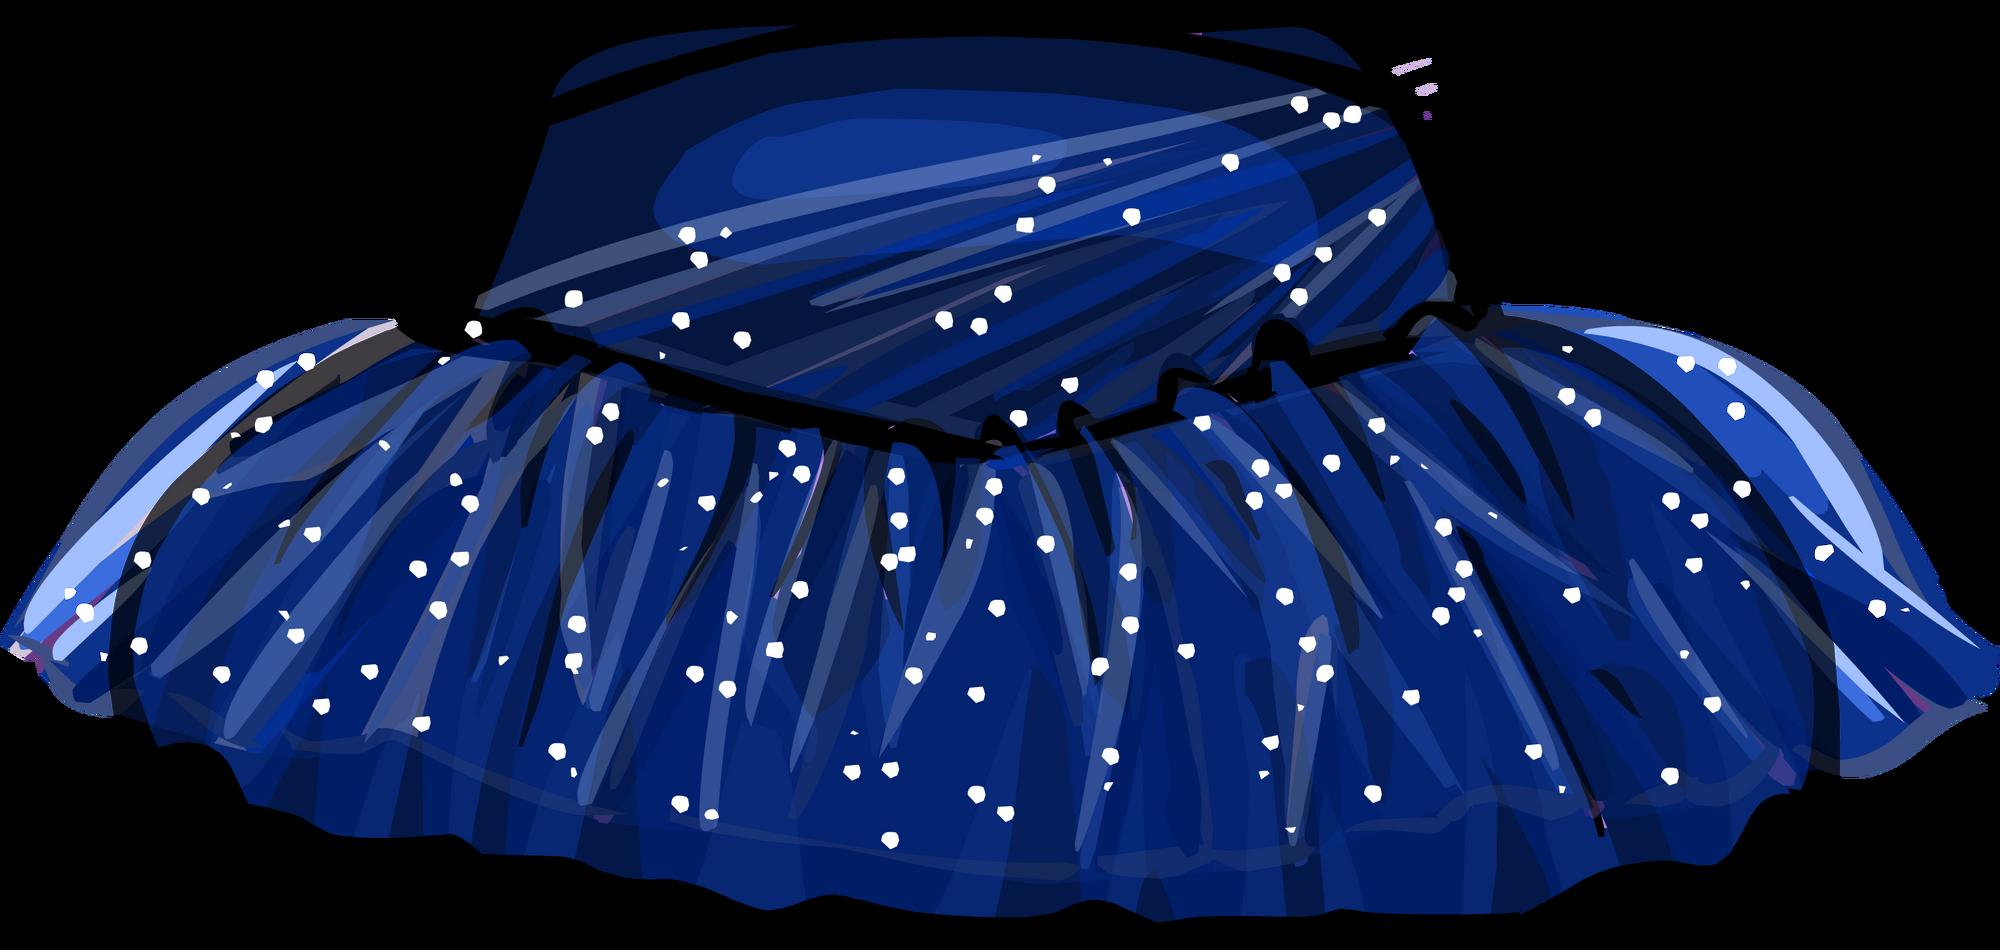 Night Sky Prom Dress | Club Penguin Wiki | FANDOM powered by Wikia